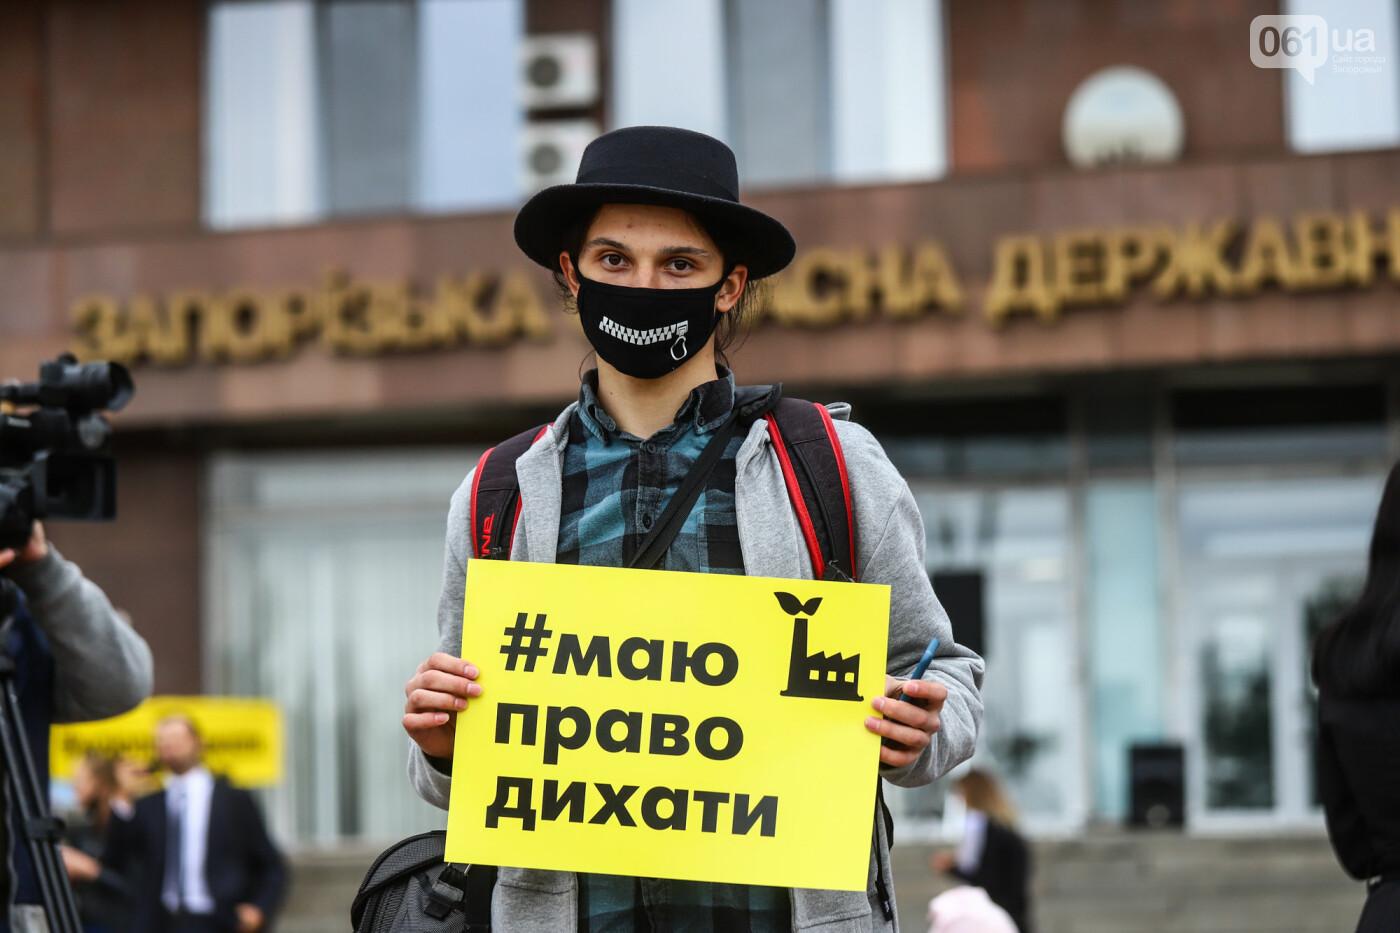 Маю право дихати: тысячи запорожцев вышли на экологический митинг, ФОТО, ВИДЕО, фото-8